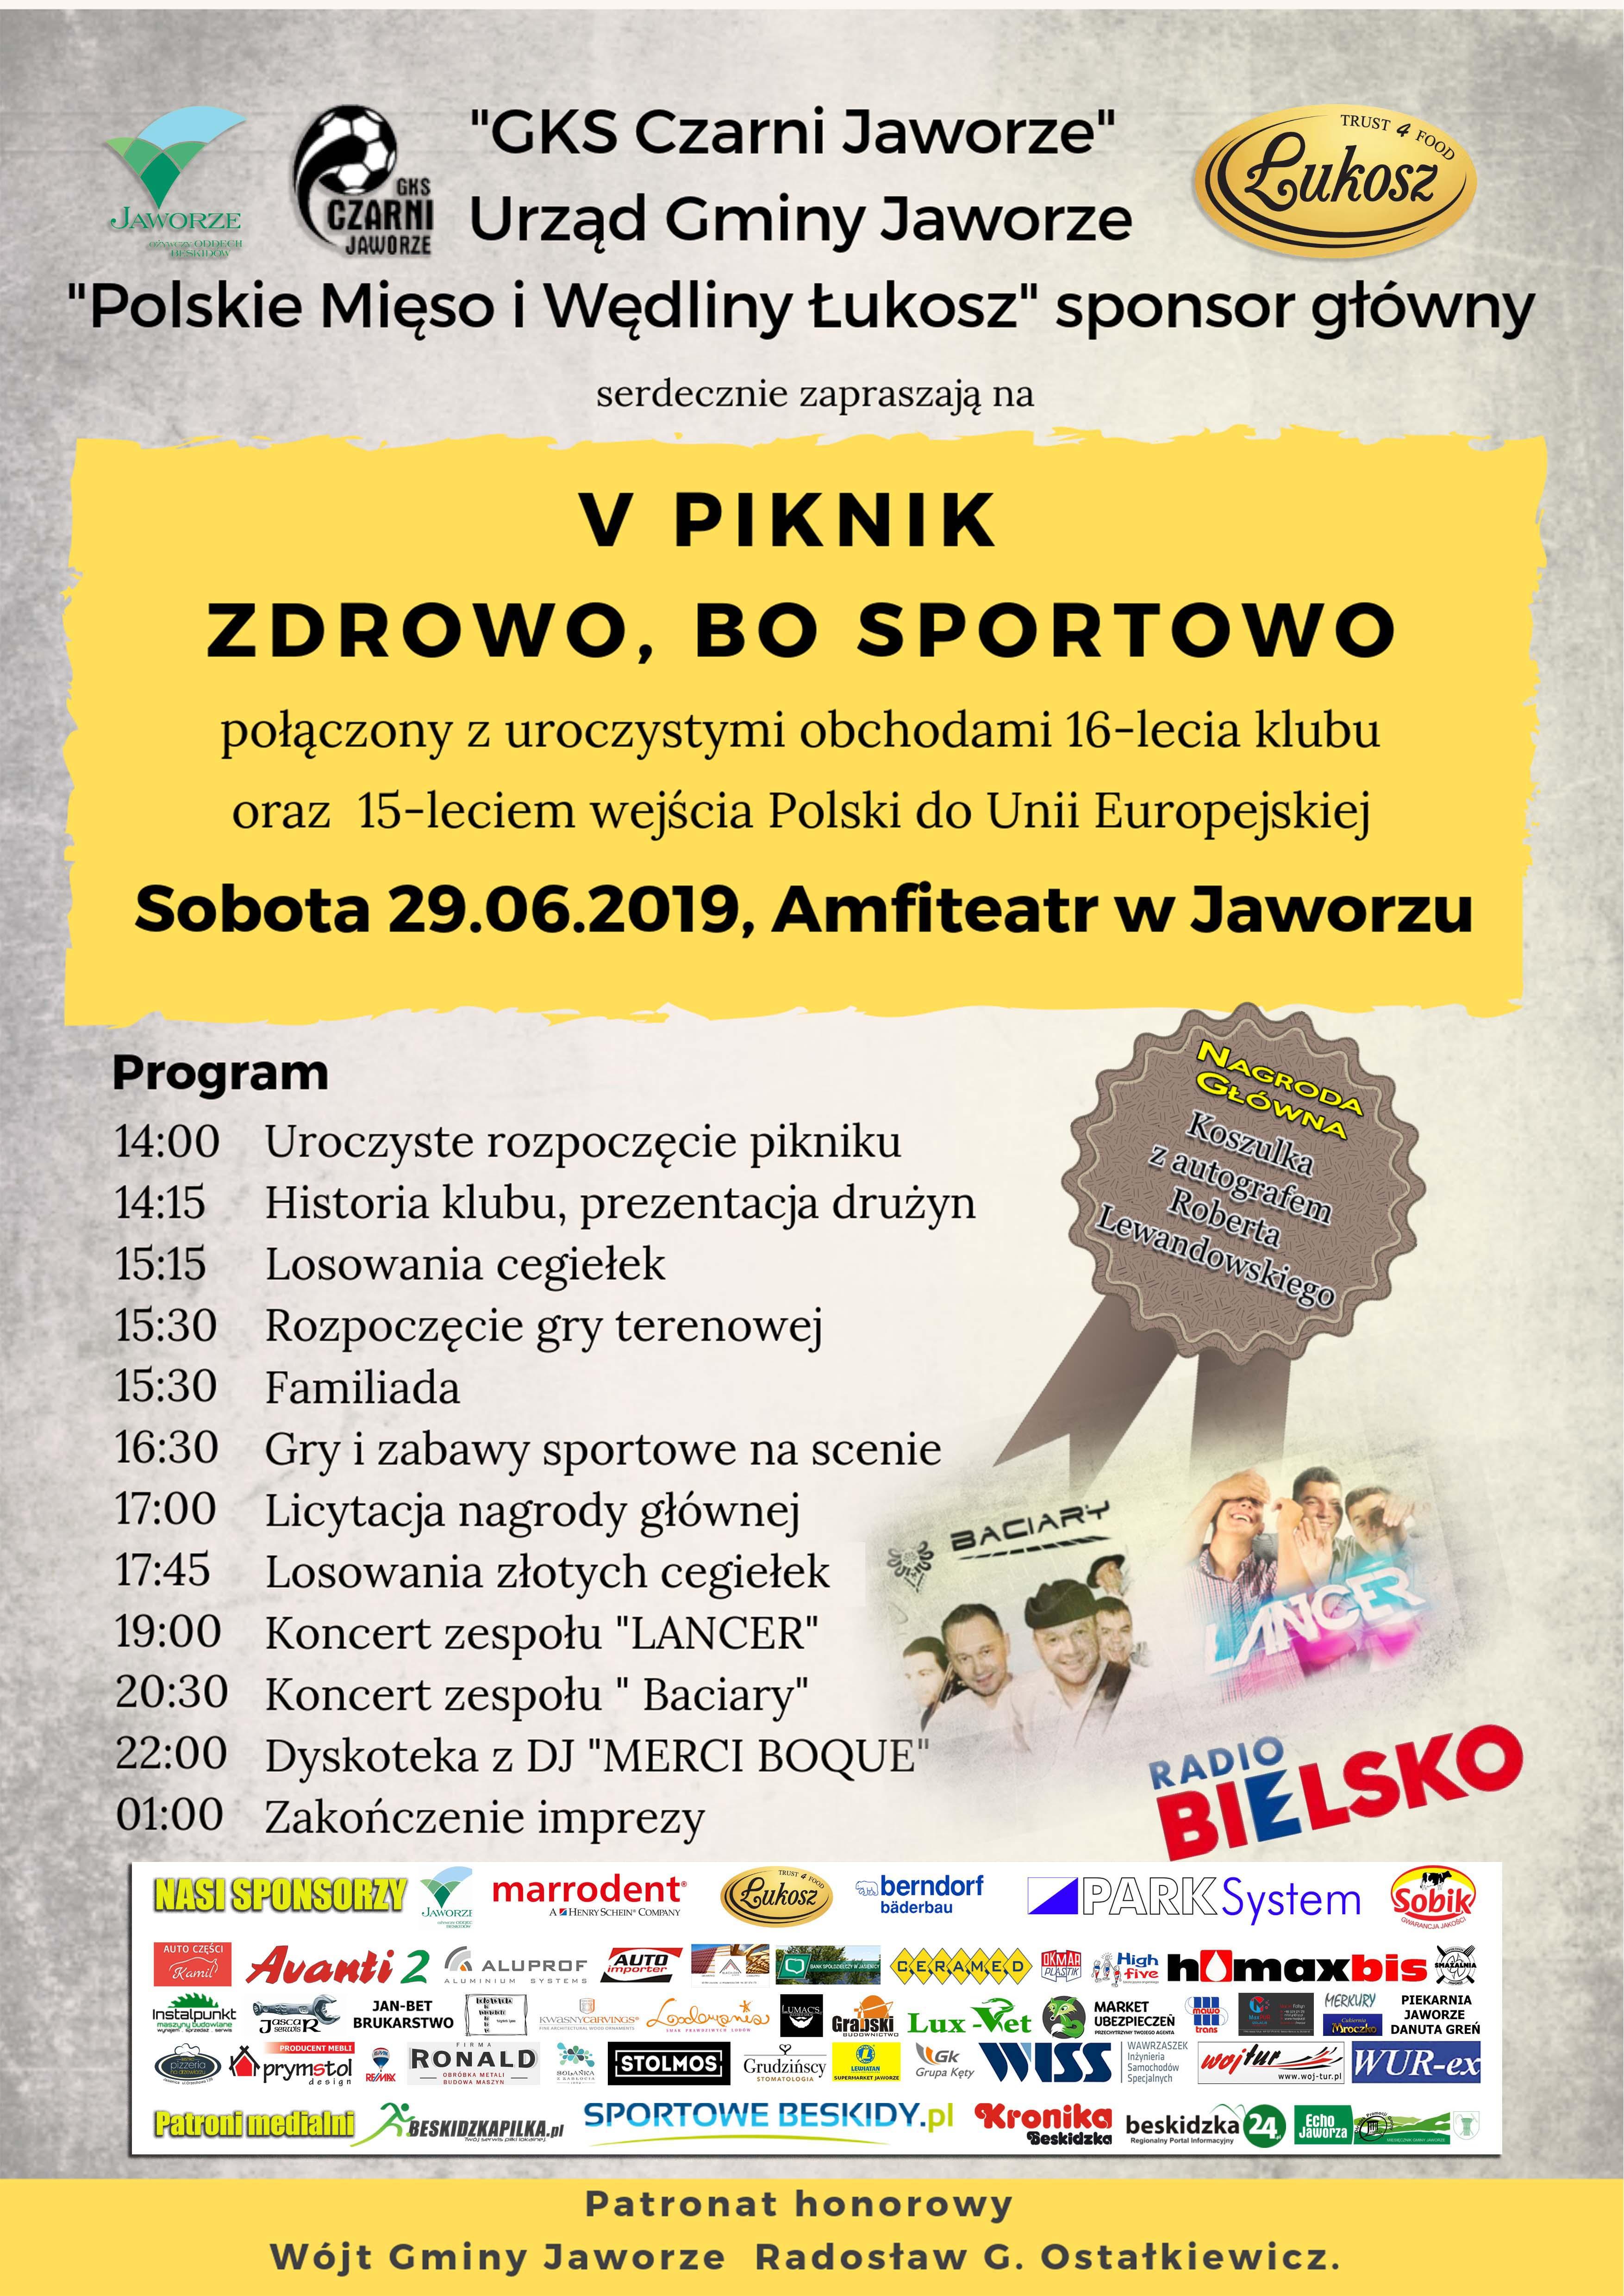 V Piknik Zdrowo Bo Sportowo